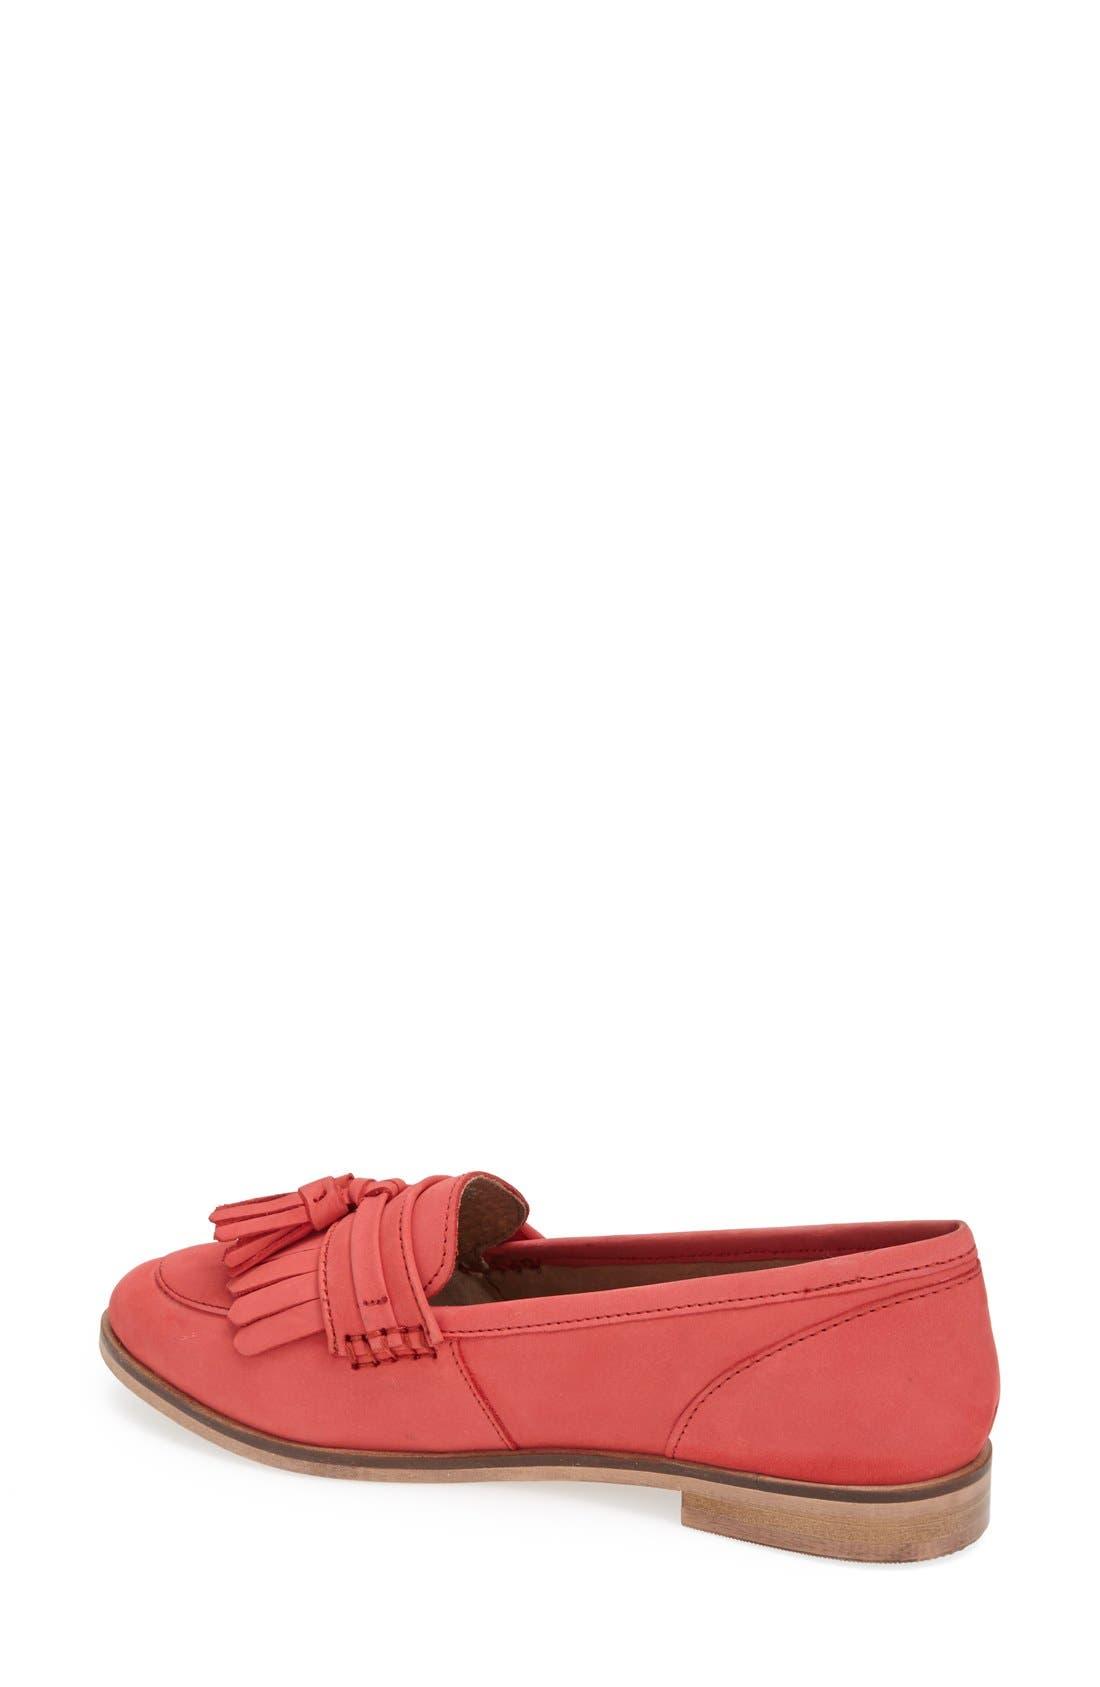 Alternate Image 2  - Topshop 'Kink' Fringed Leather Tassel Loafer (Women)